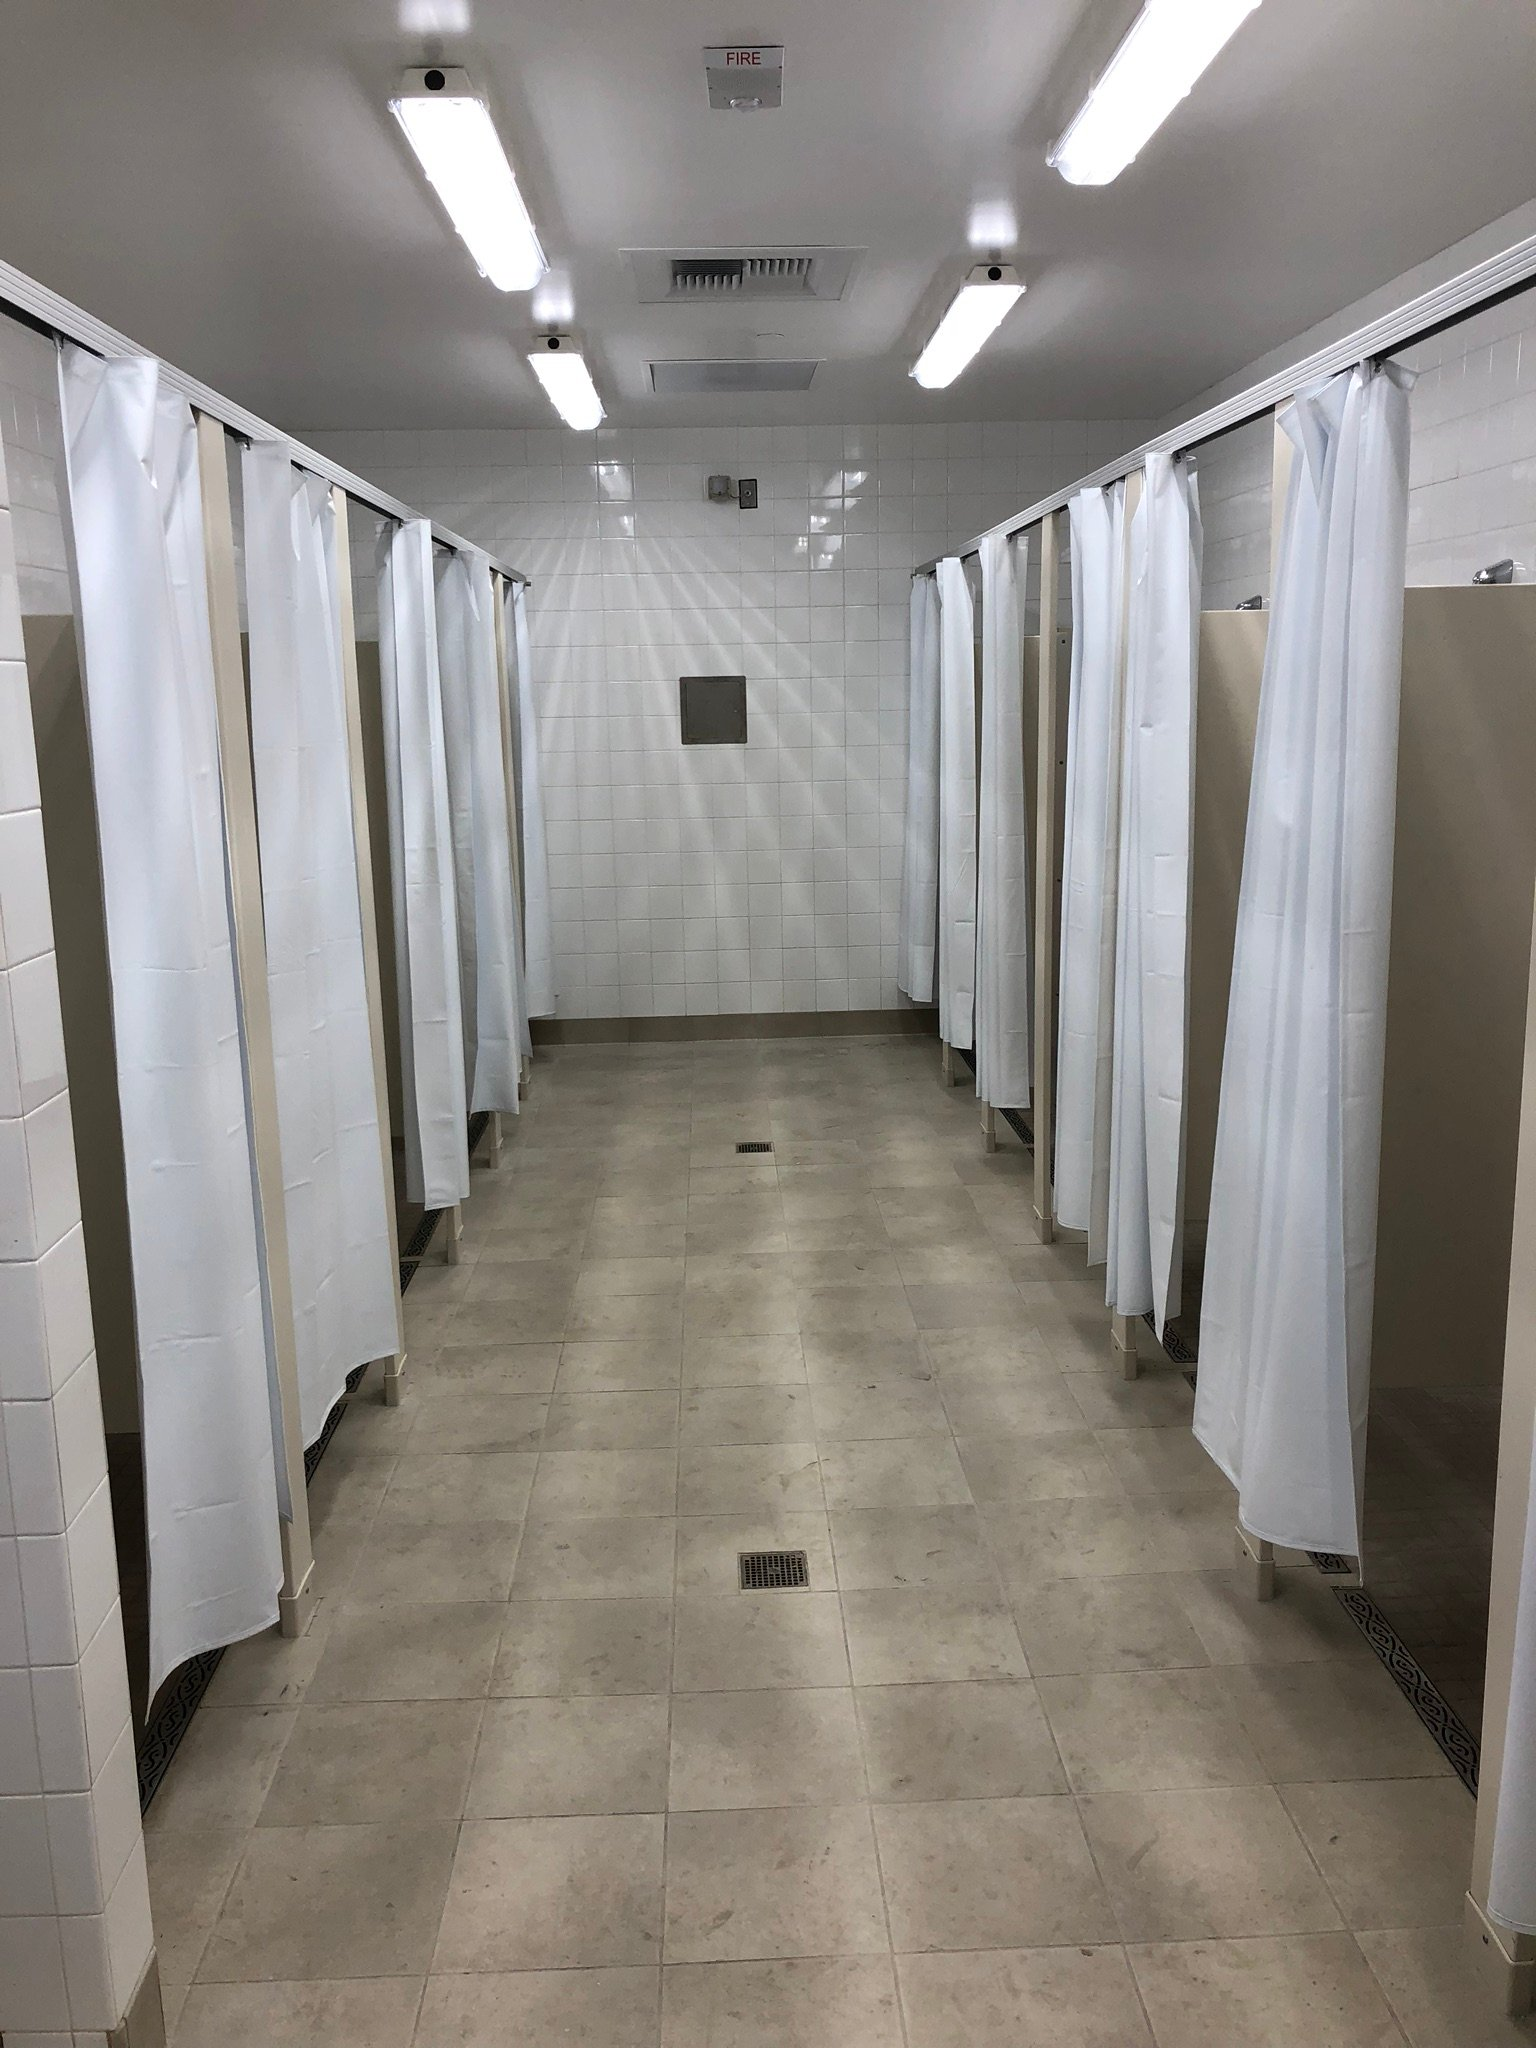 Anaheim Homeless Shelter